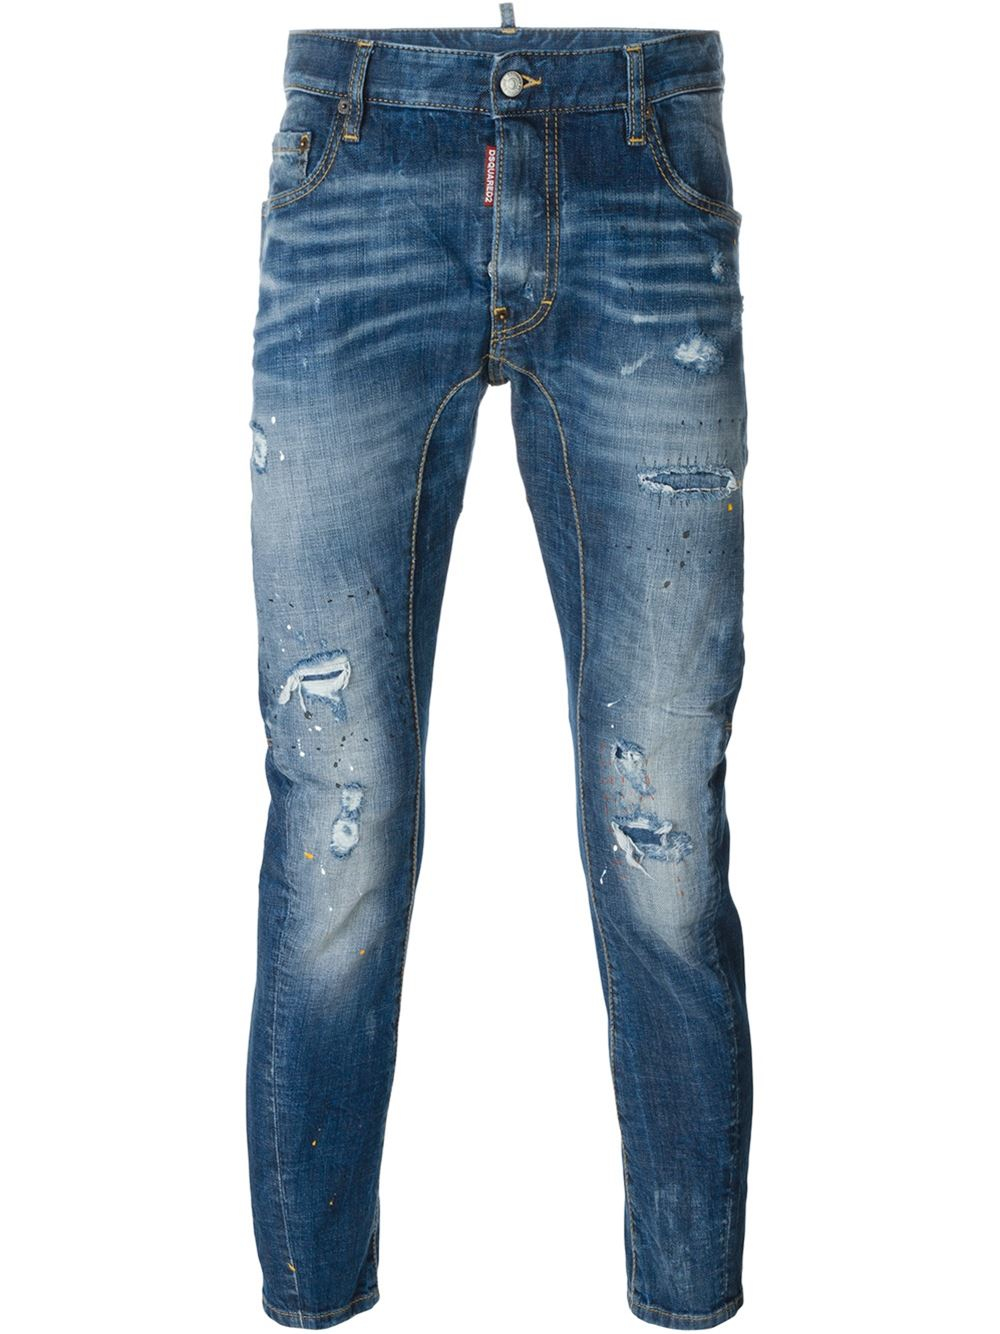 Dsquared tidy Biker Jeans In Blue For Men Lyst